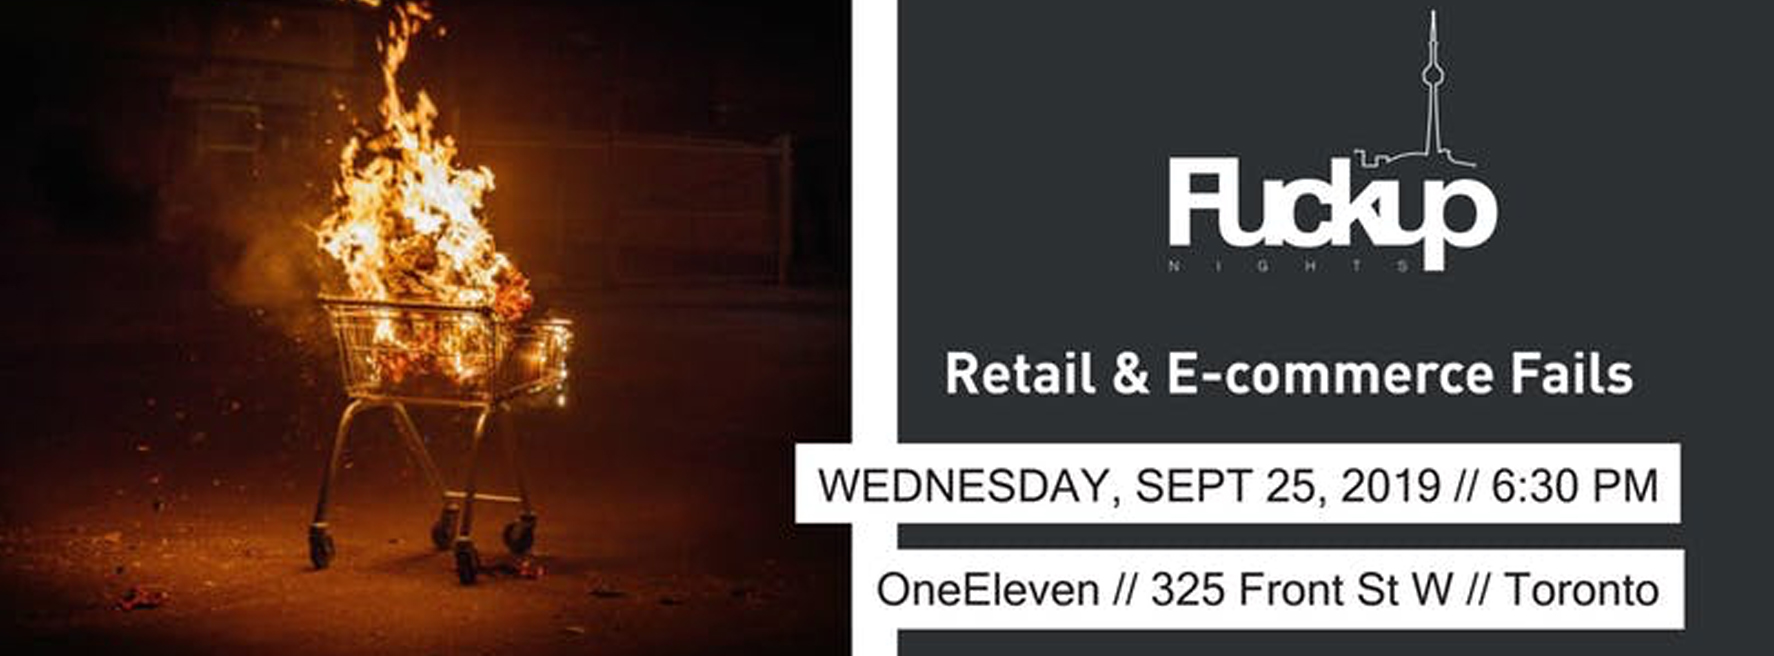 Retail & E-commerce Fails